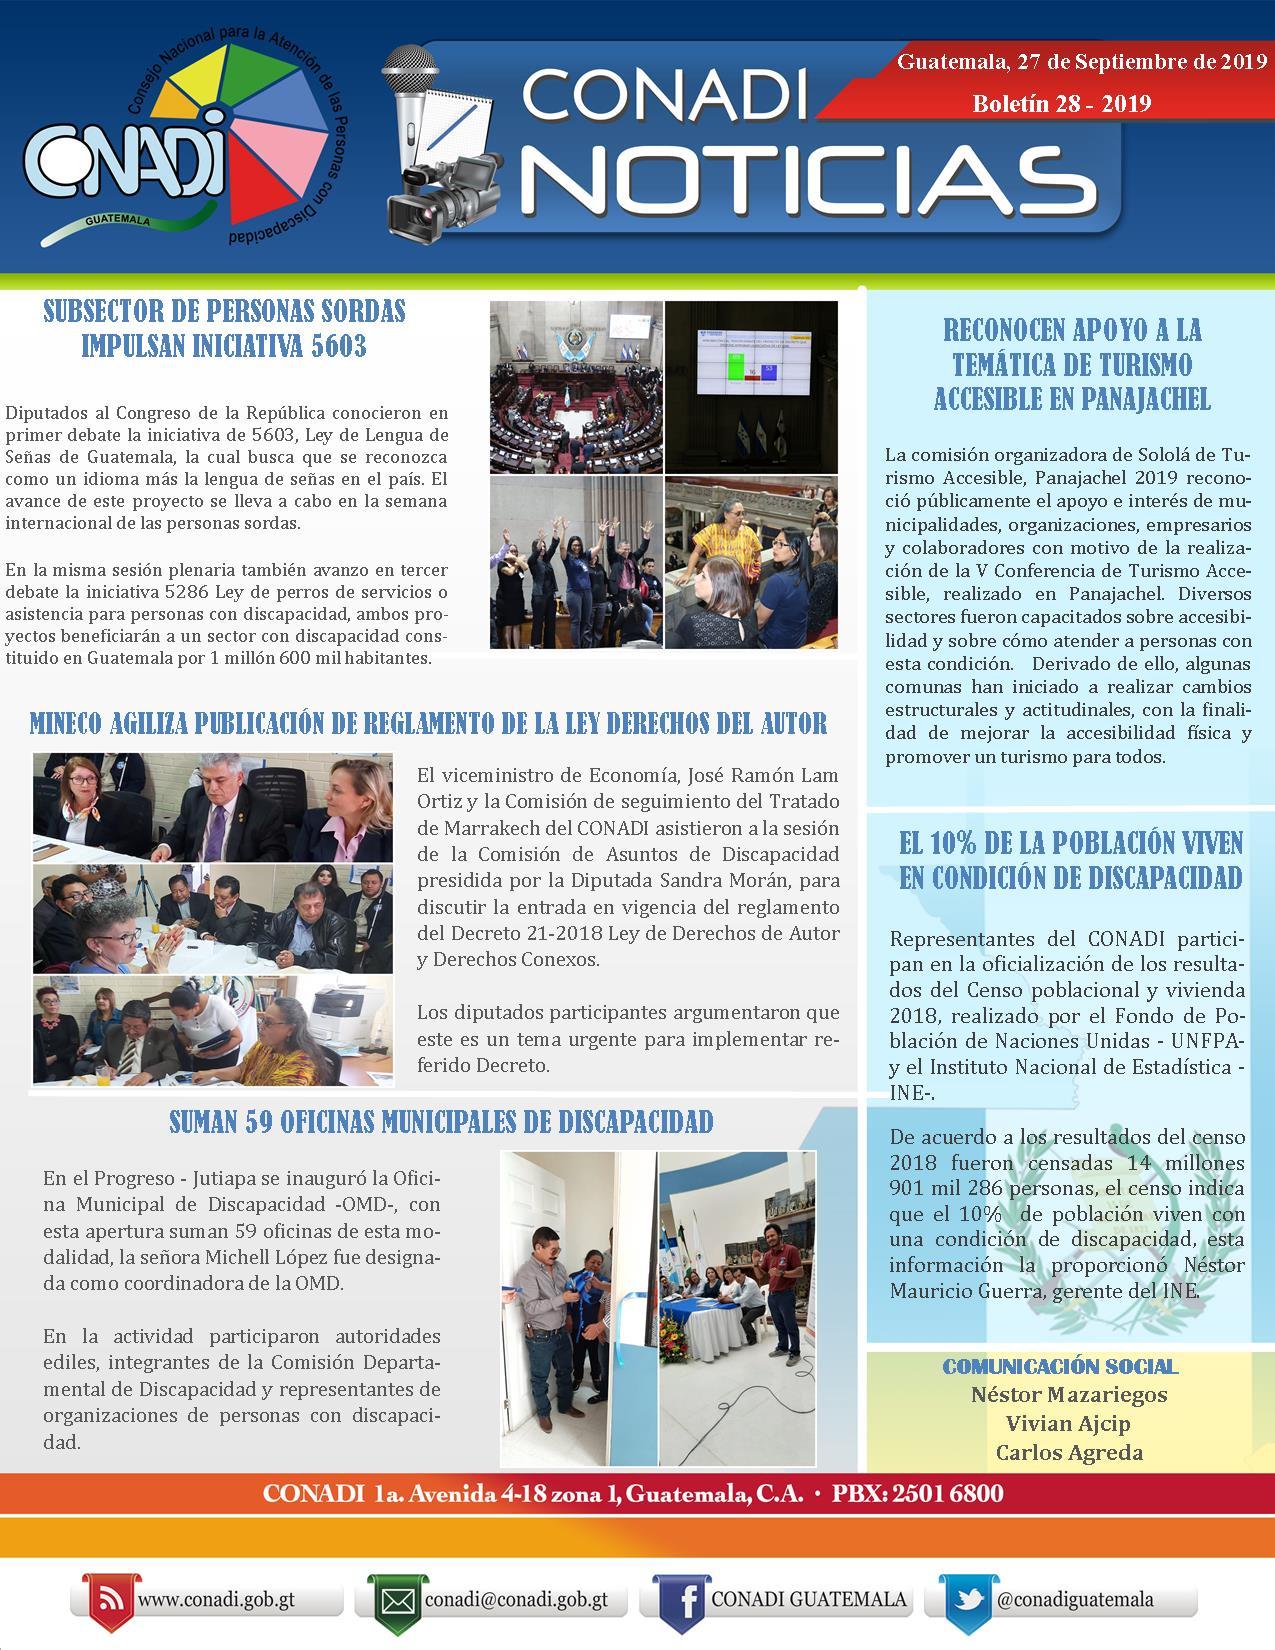 BOLETÍN CONADI NOTICIAS 28-2019